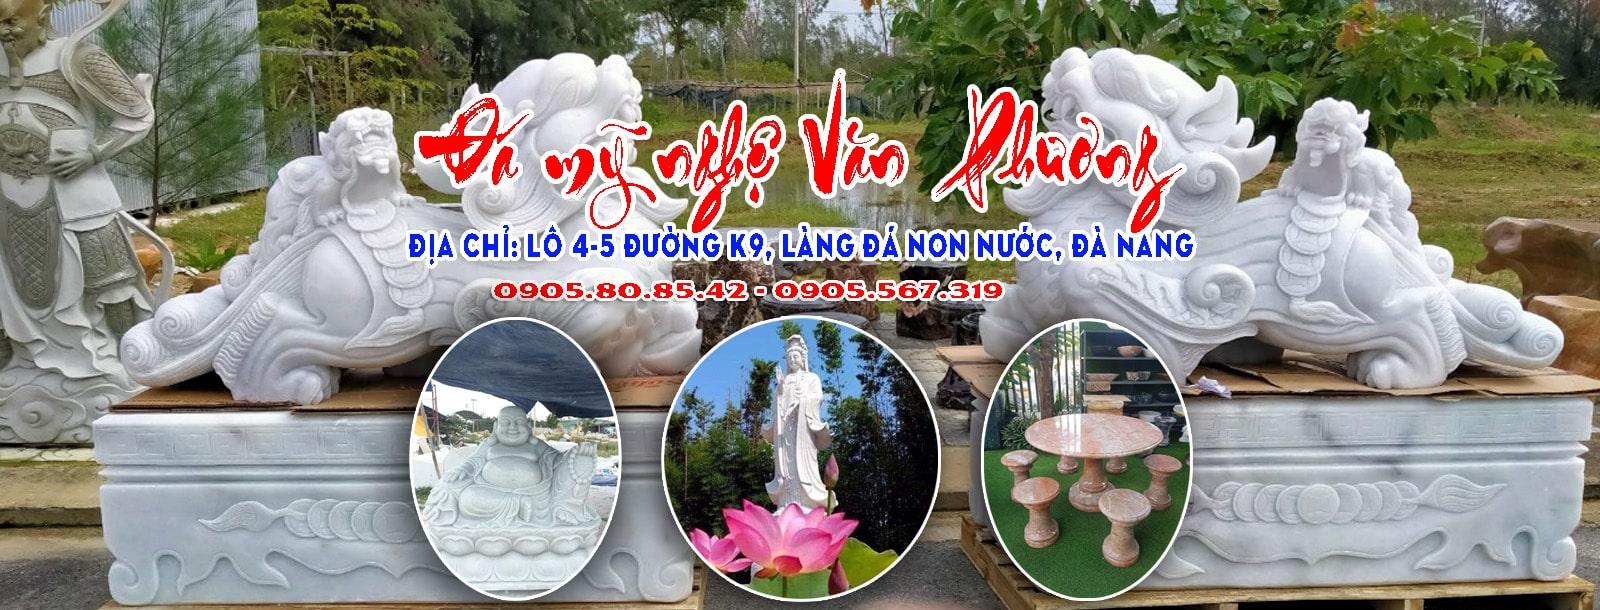 Cơ sở điêu khắc đá mỹ nghệ uy tín Đà Nẵng